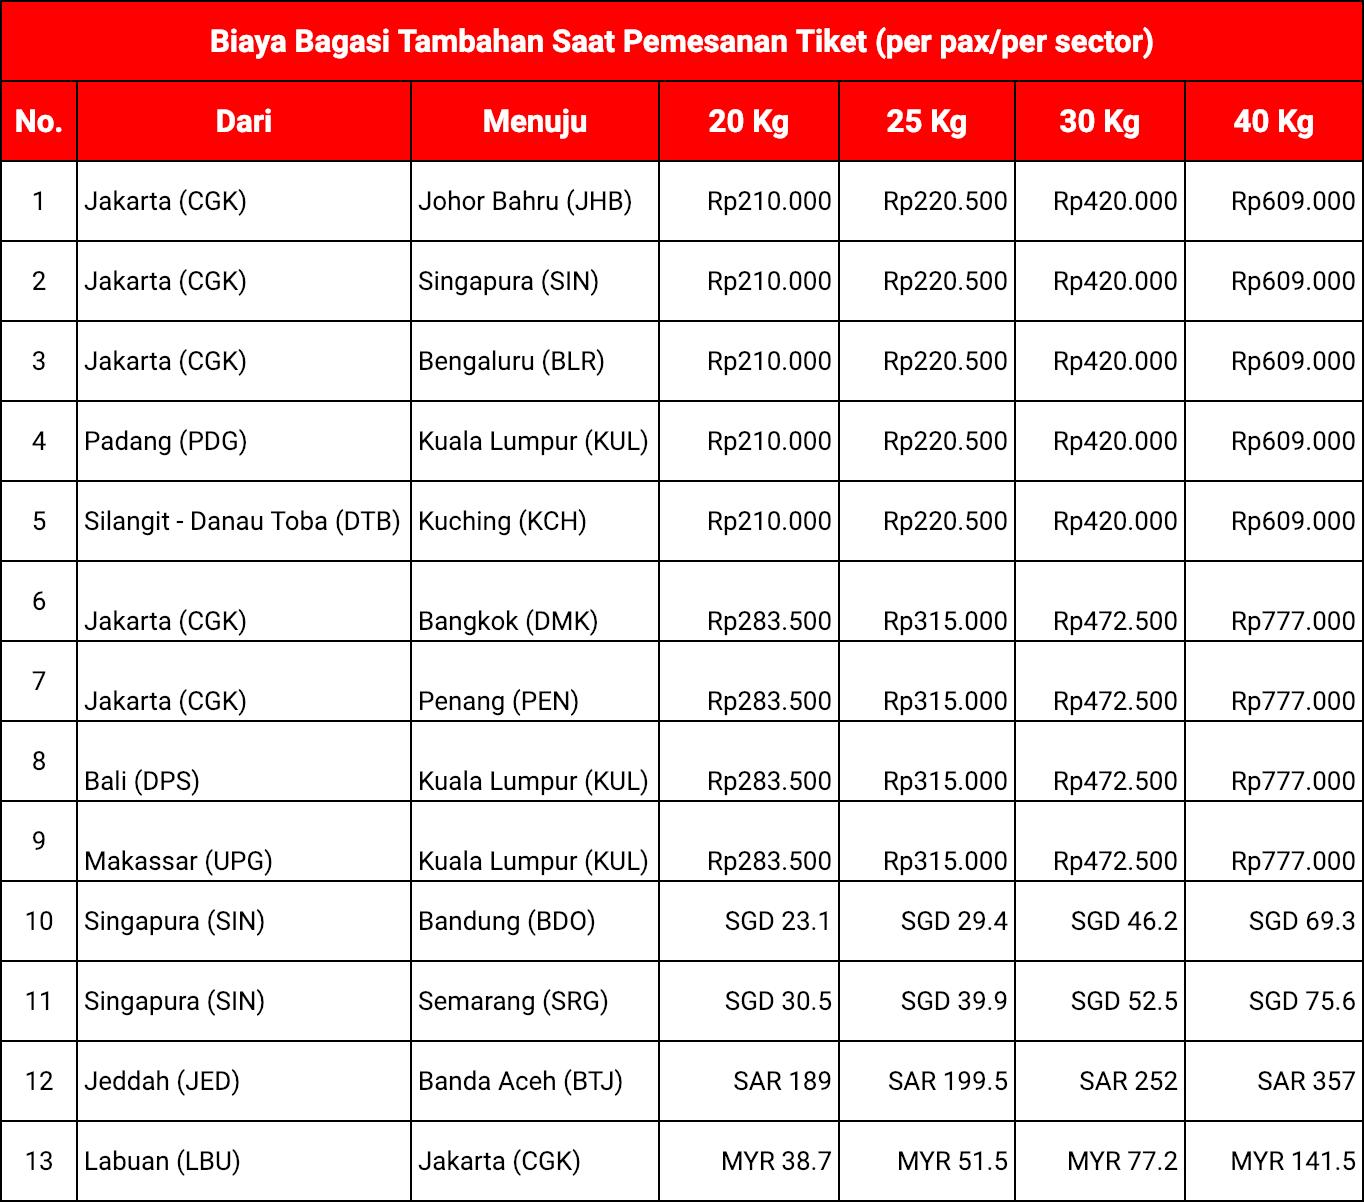 Biaya Pra-pesan Bagasi AirAsia Saat Pemesanan Tiket (Internasional)